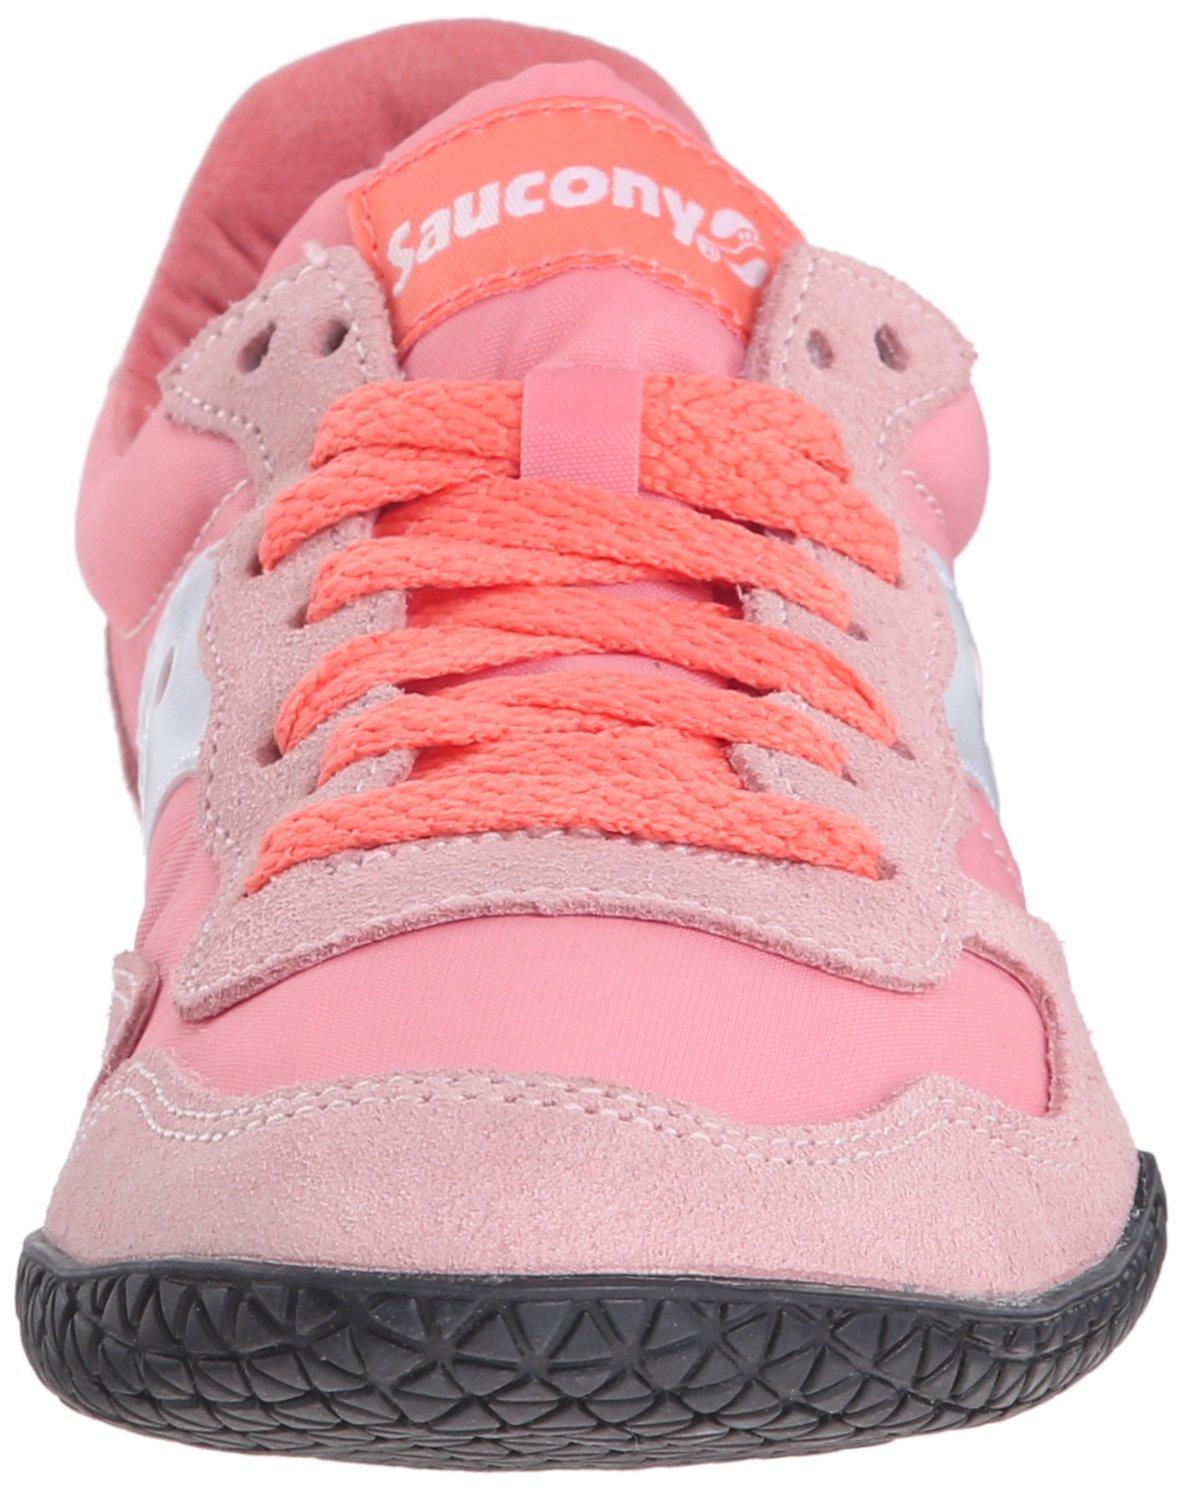 Saucony Sneaker Originals Women's Bullet Sneaker Saucony B00XV9XRL6 6.5 B(M) US Coral 30076c